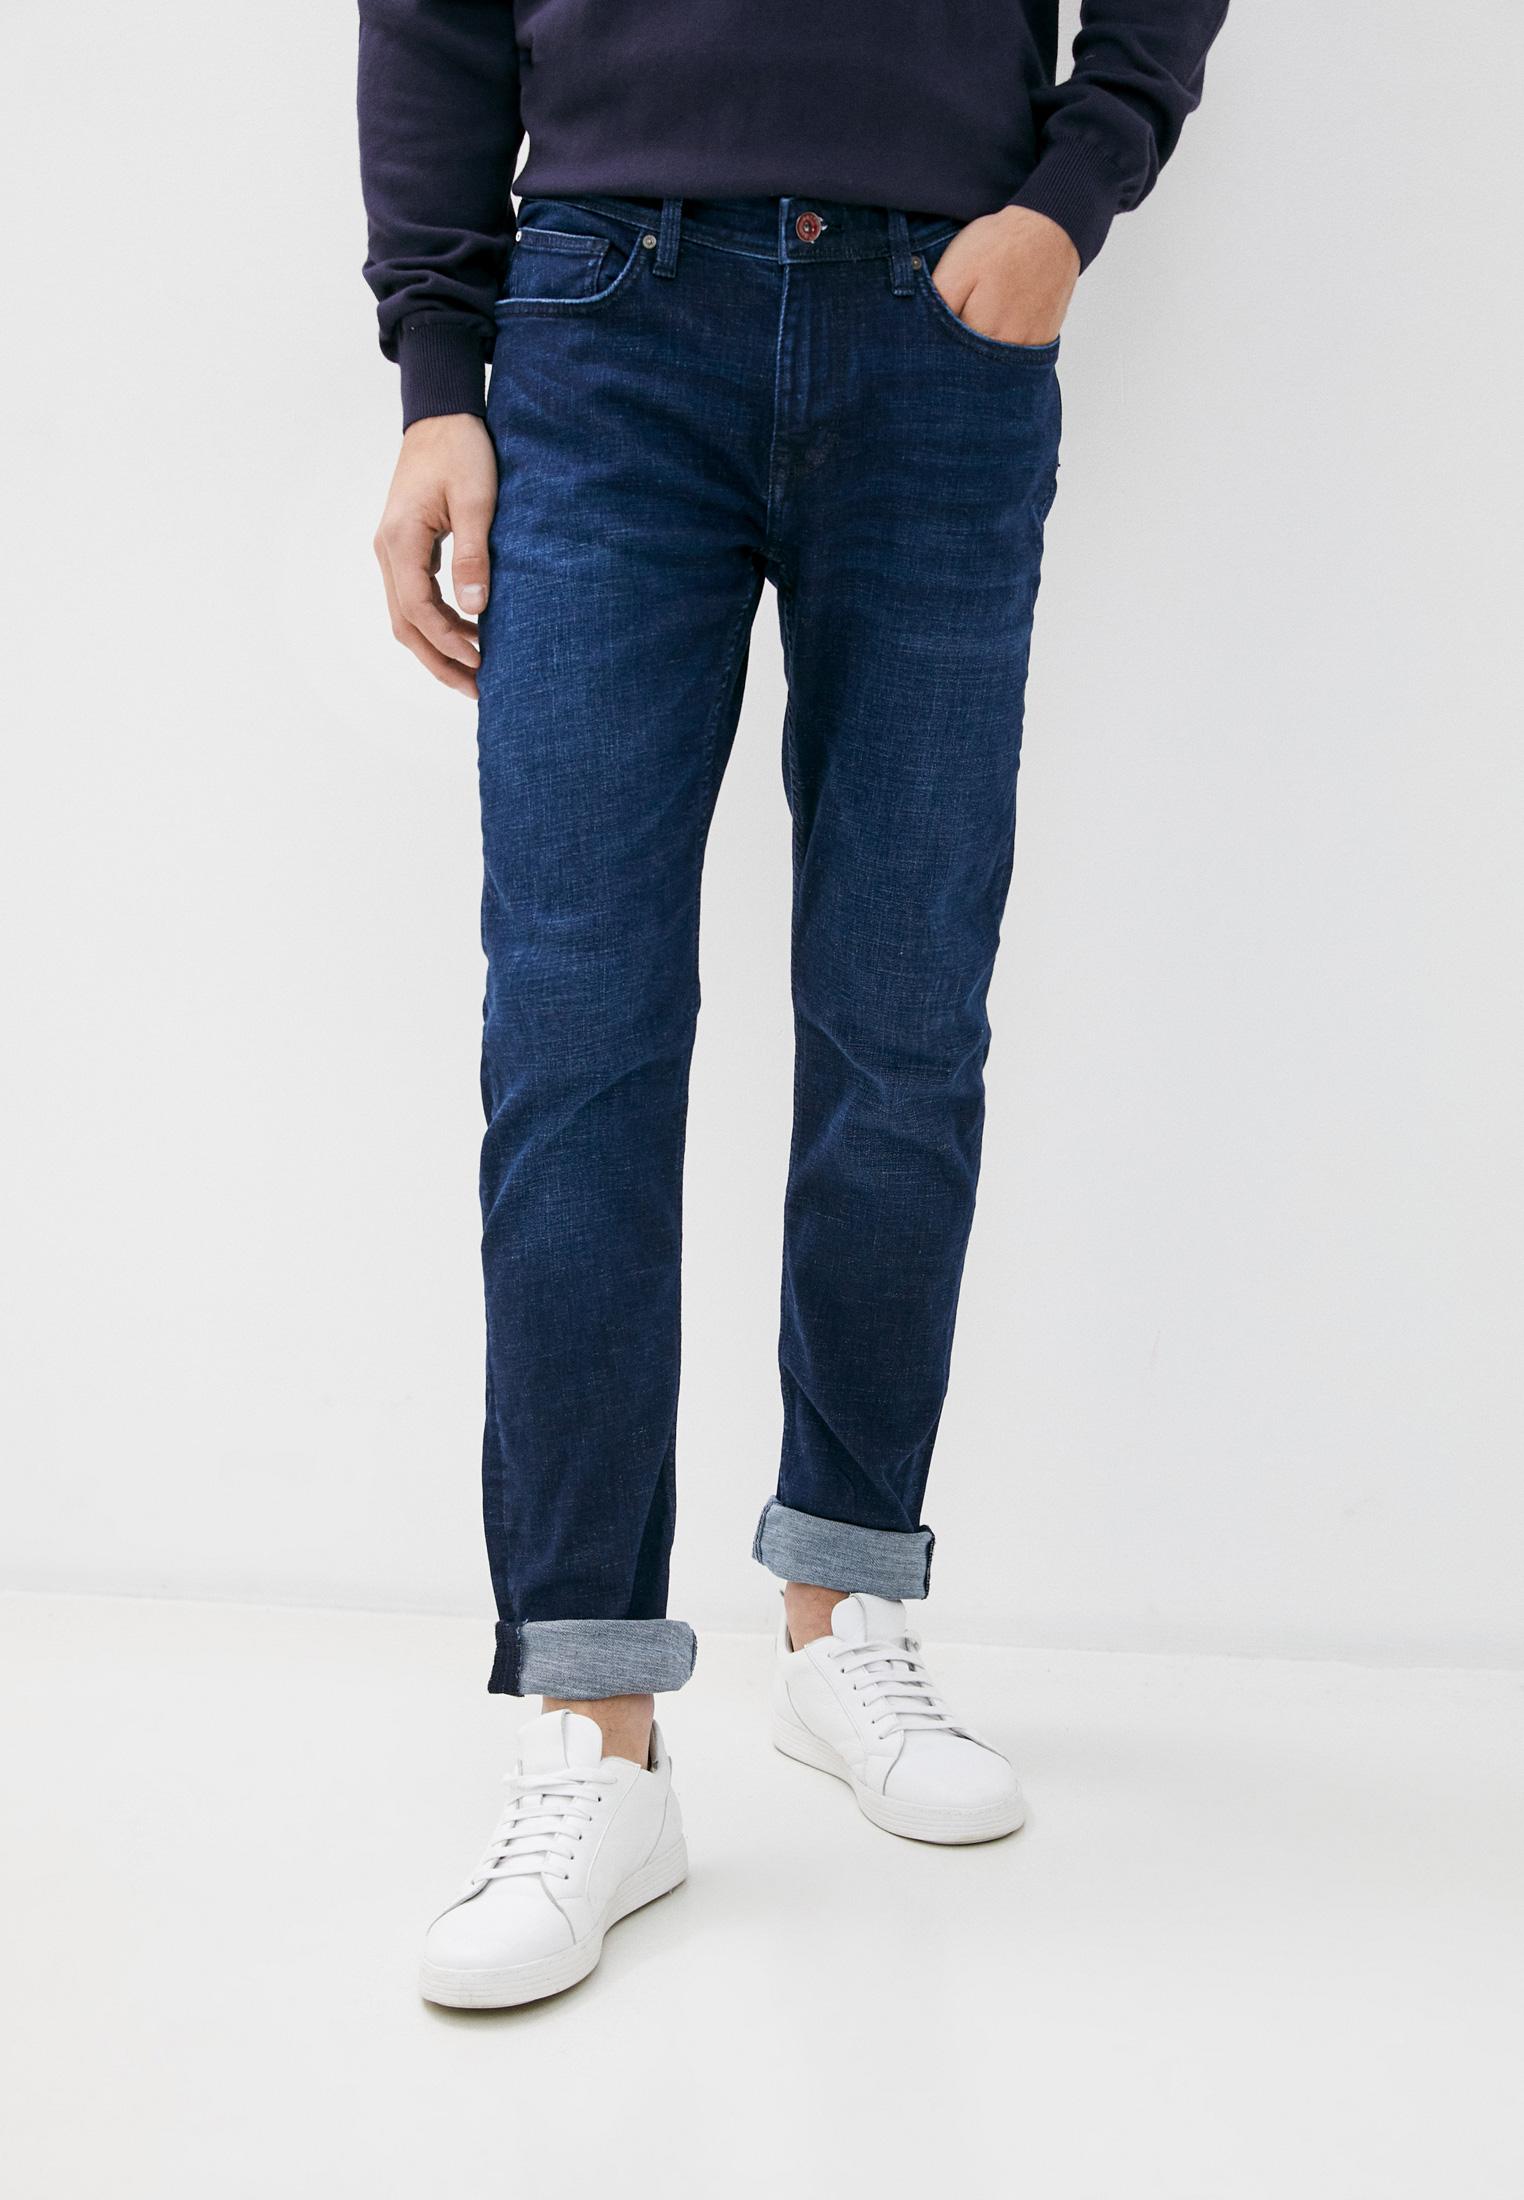 Мужские прямые джинсы Celio (Селио) Джинсы Celio